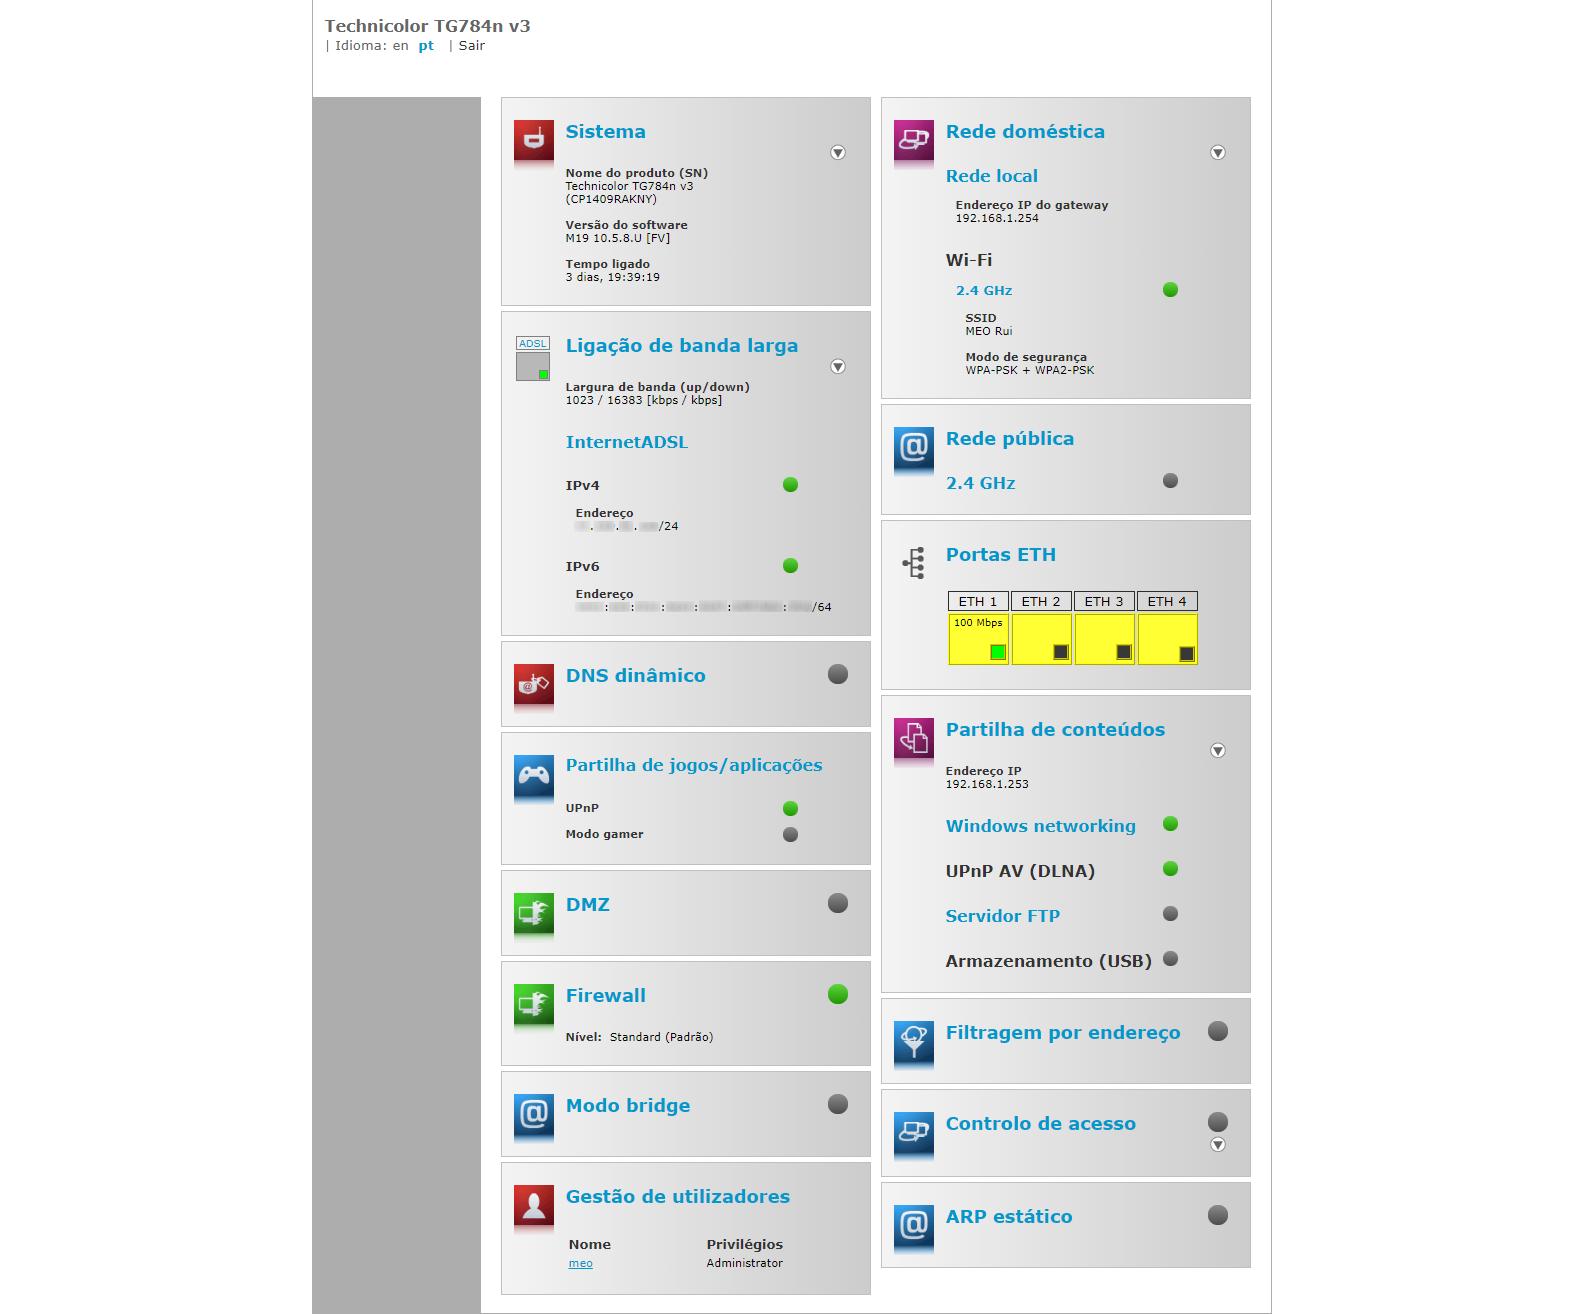 Technicolor TG784n v3 - Página de configuração